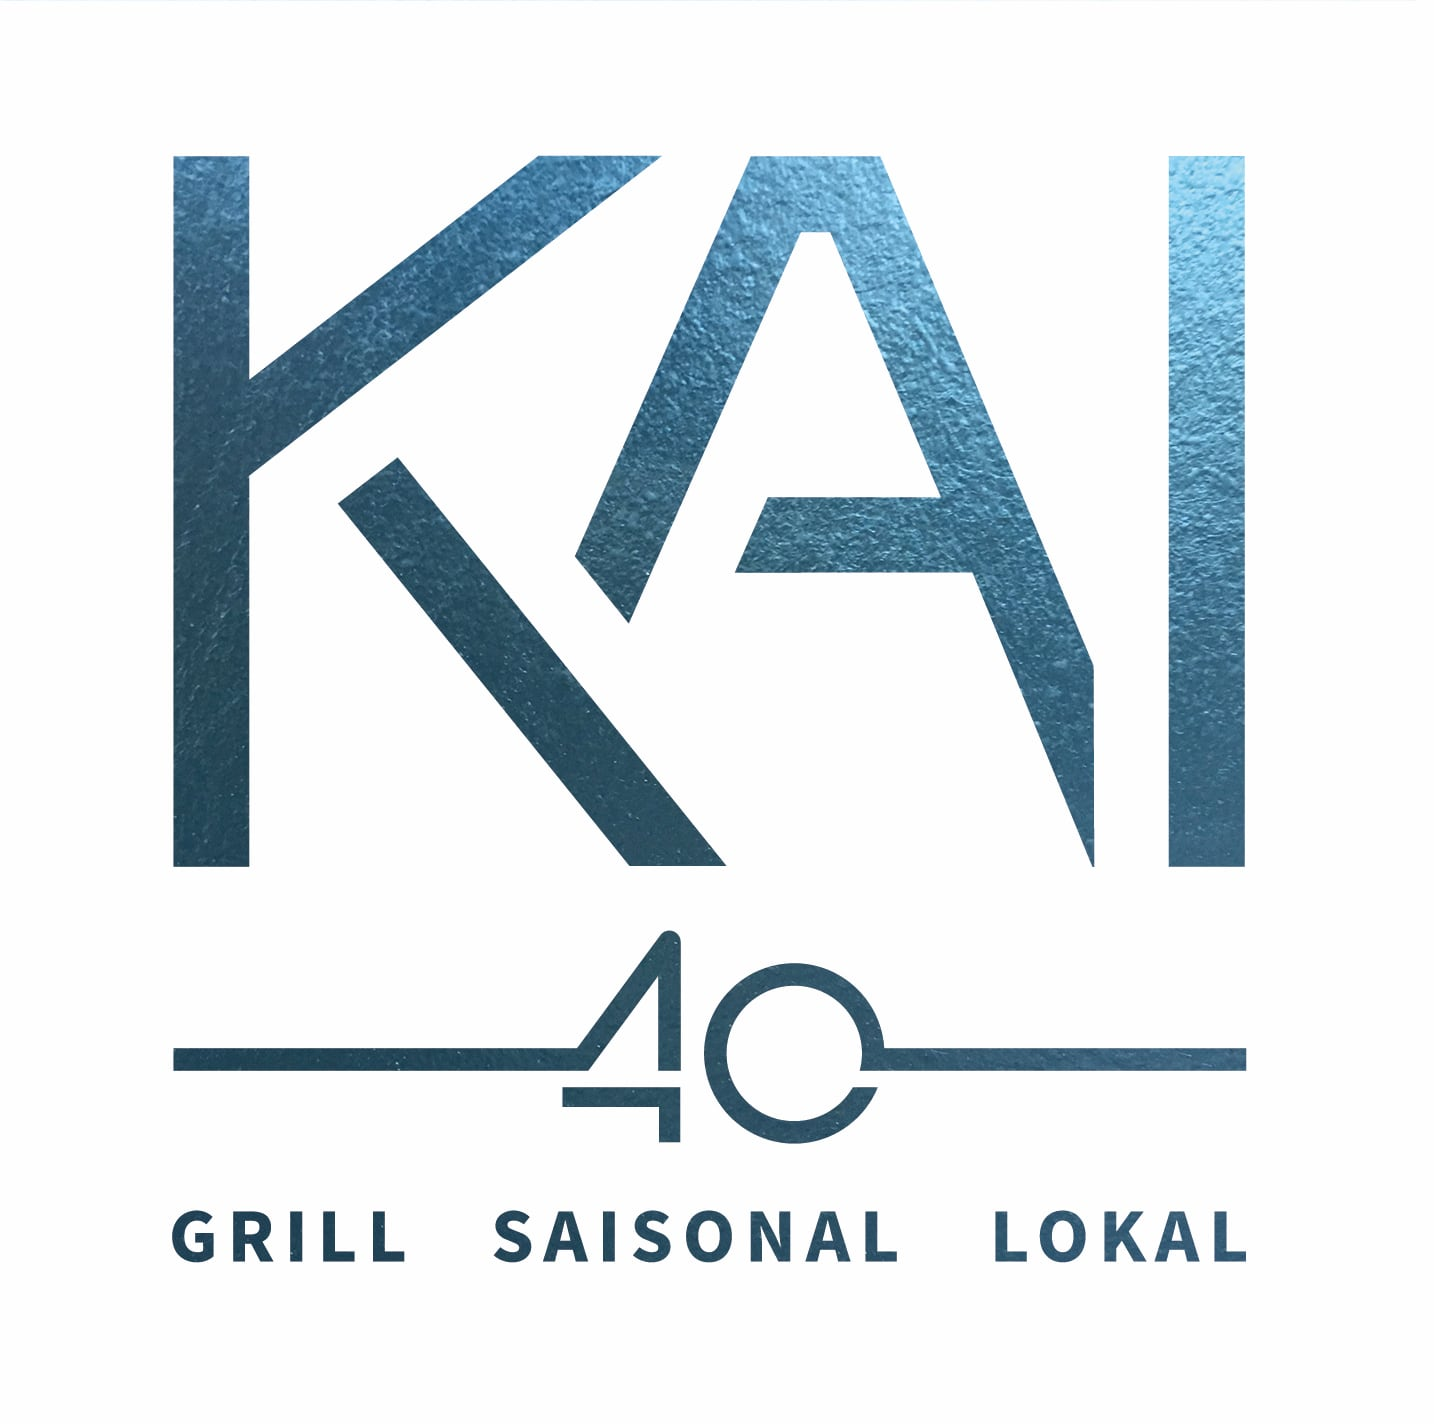 kai40_rostock